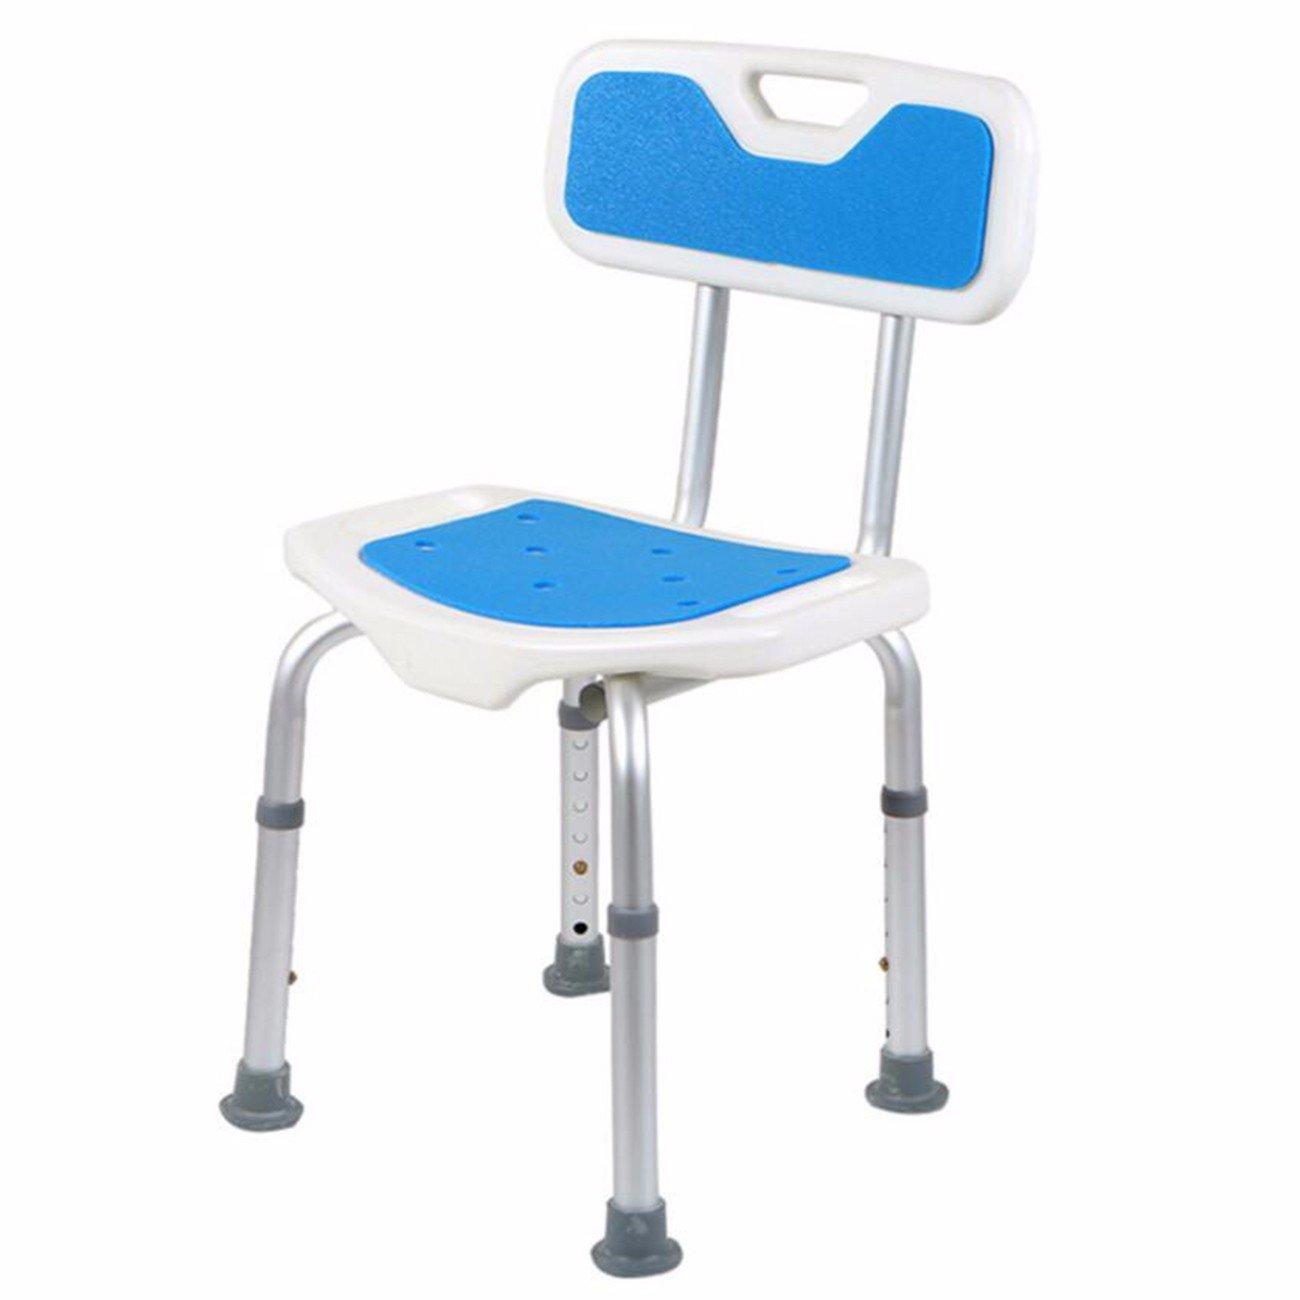 【予約】 高齢者のアルミニウム合金は背負う腰掛けの腰掛けの老人の妊婦の障害者の加厚い防滑り用の浴室の入浴椅子 B07FF3SMF7 B07FF3SMF7, ヤマモトグン:ef3004fa --- pedroparada.com